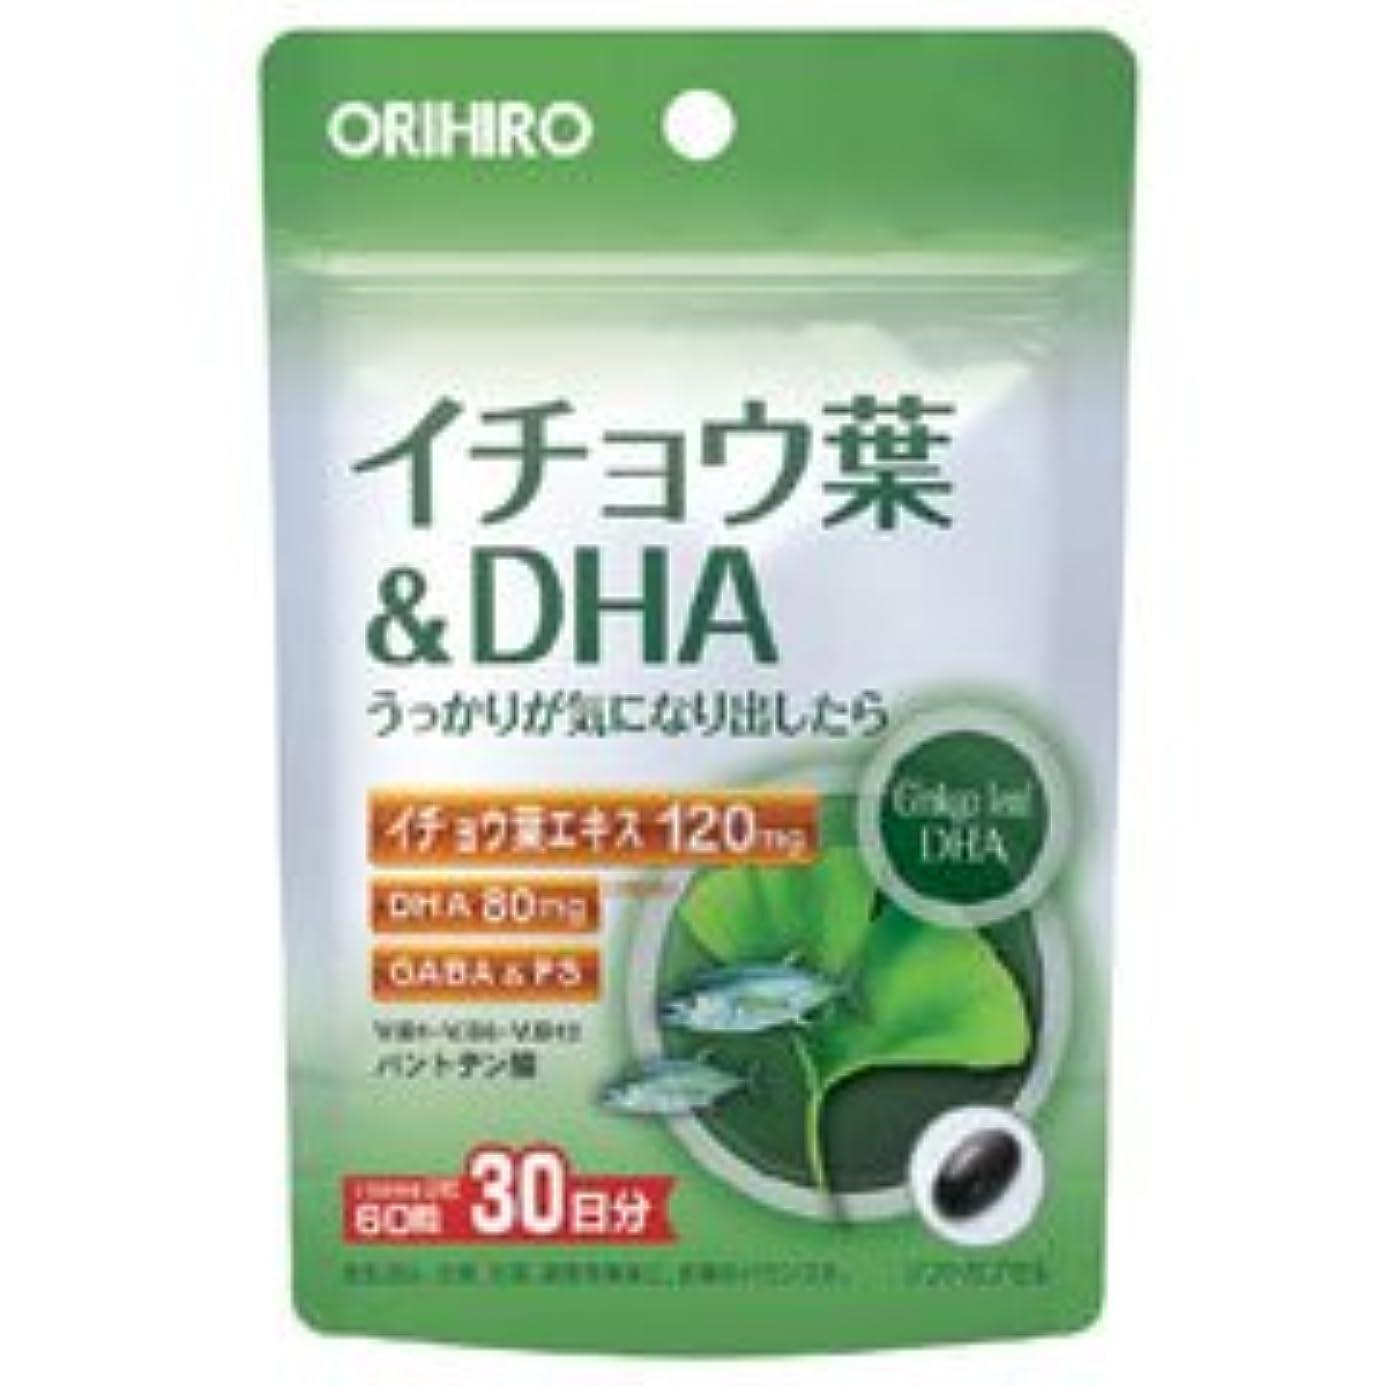 ロボットレビューステンレスPDイチョウ葉&DHC 60粒×(6セット)